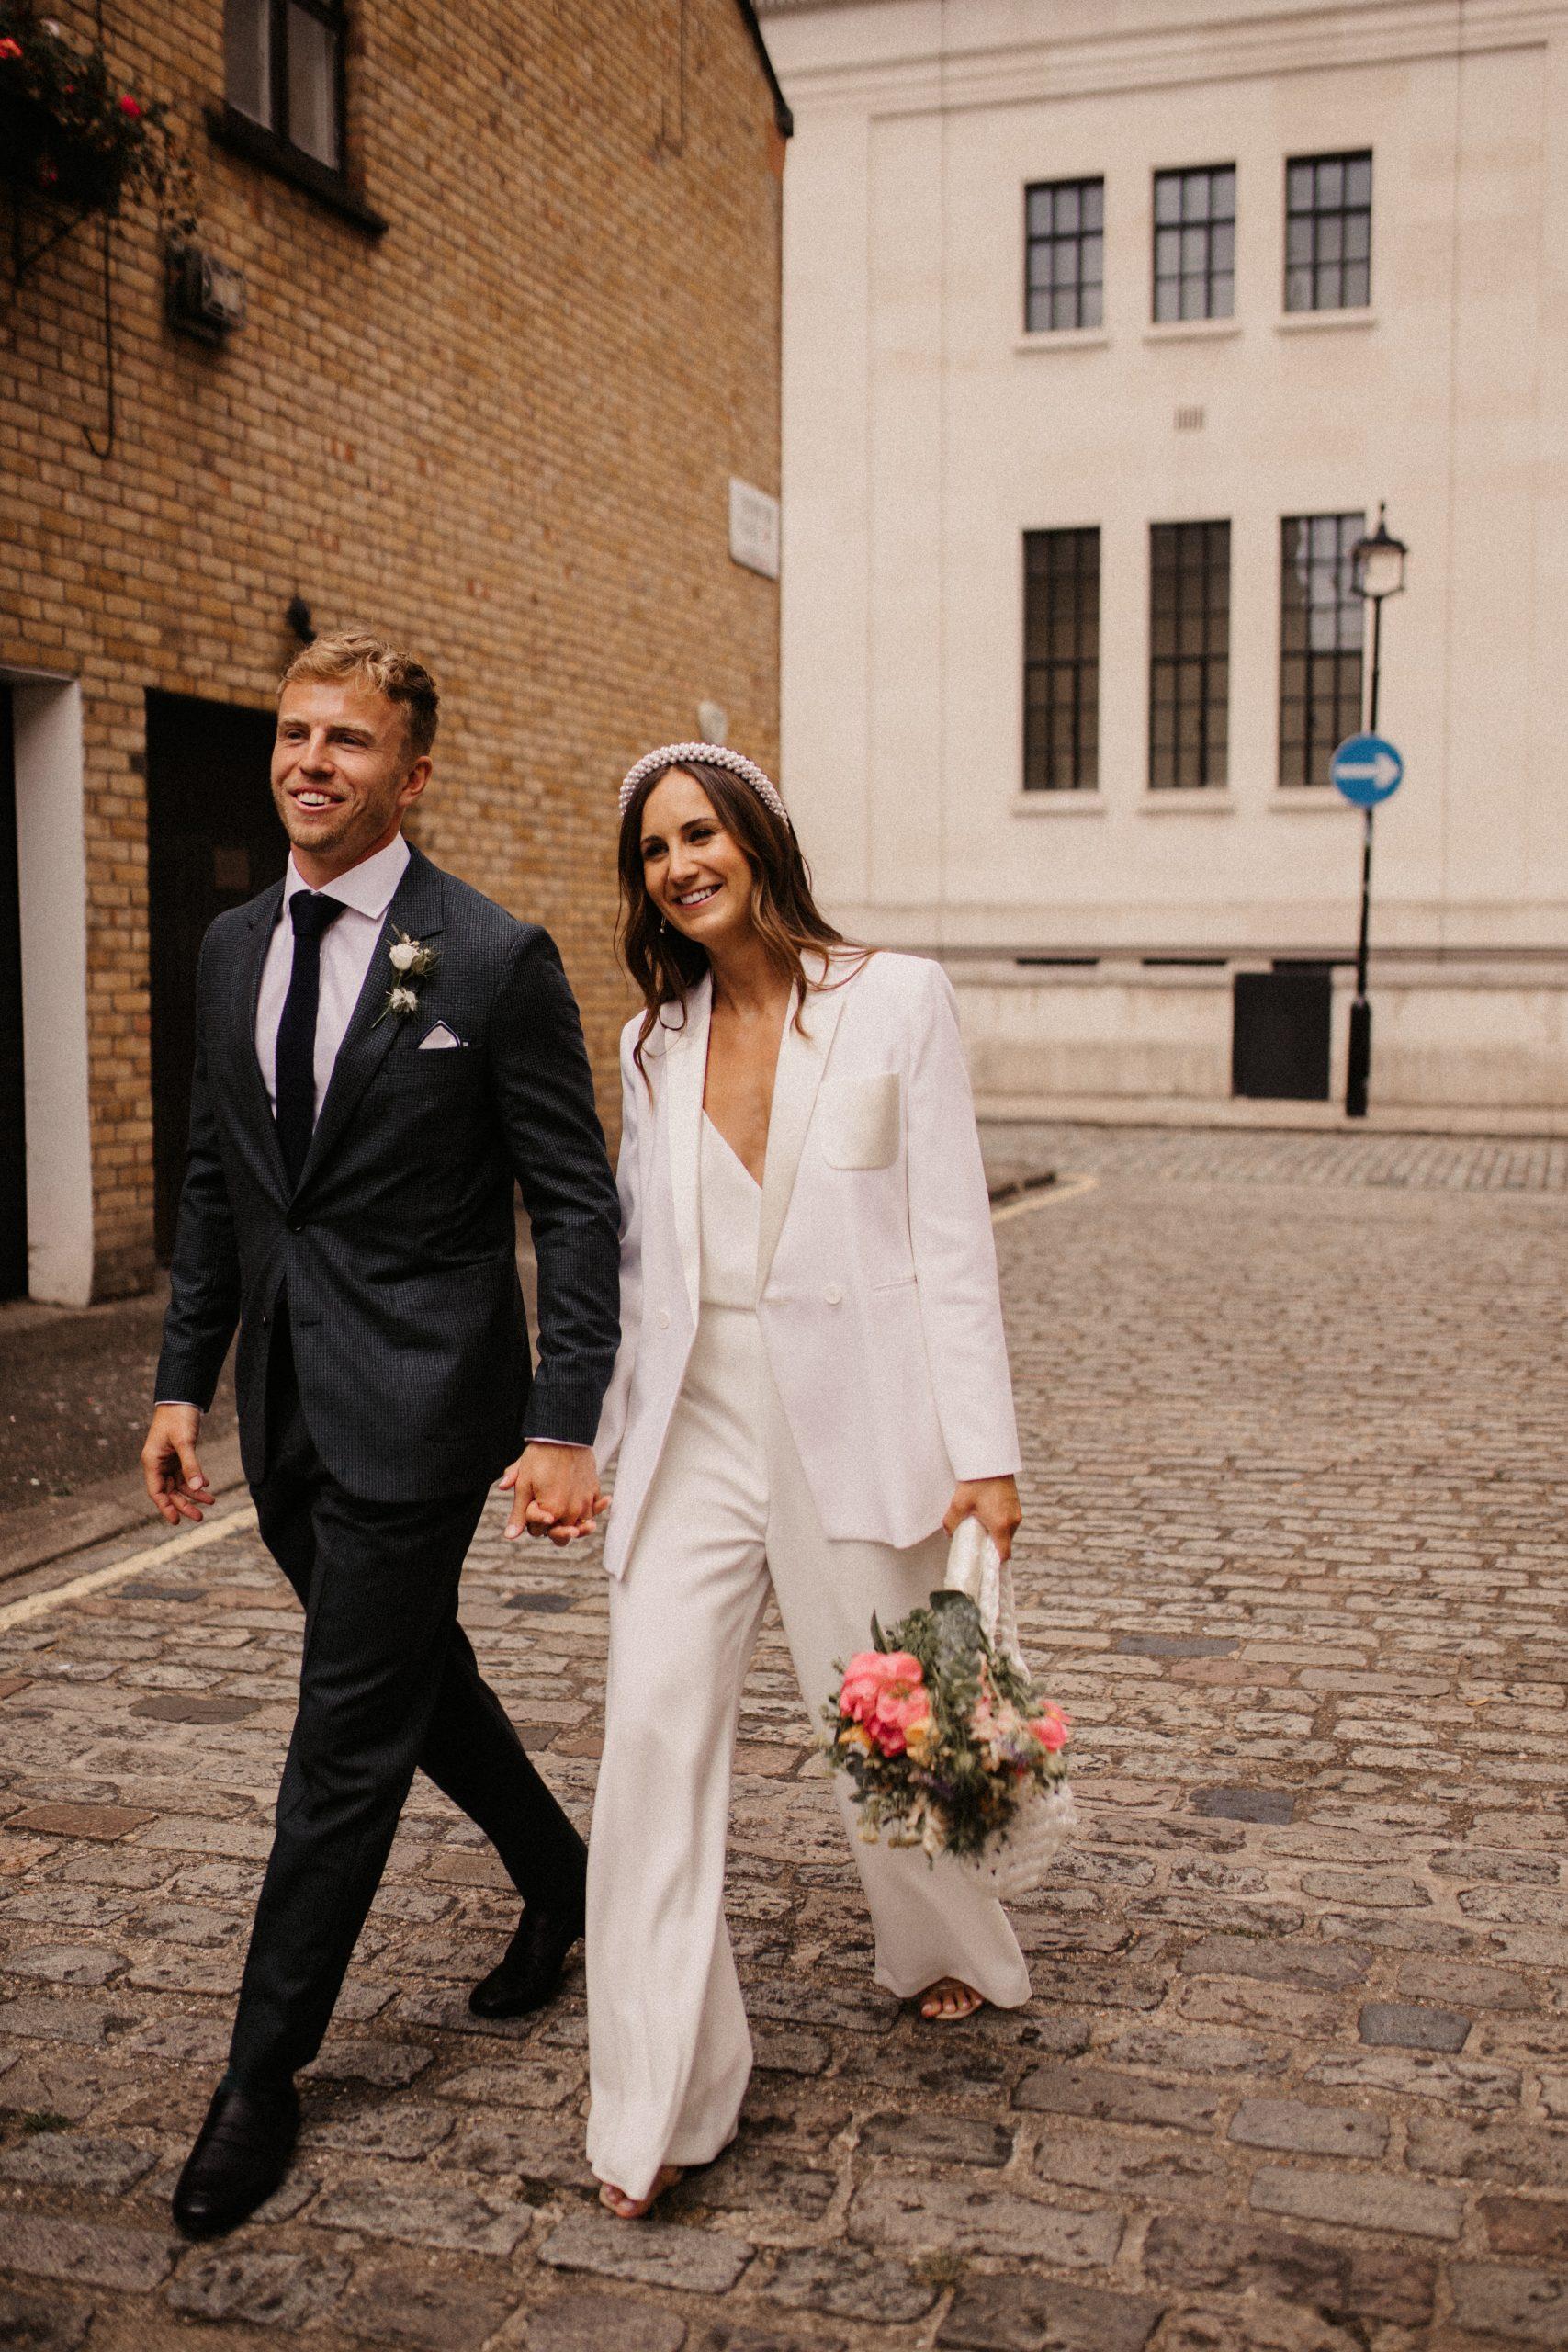 Intimate Stylish City Wedding | Marylebone London